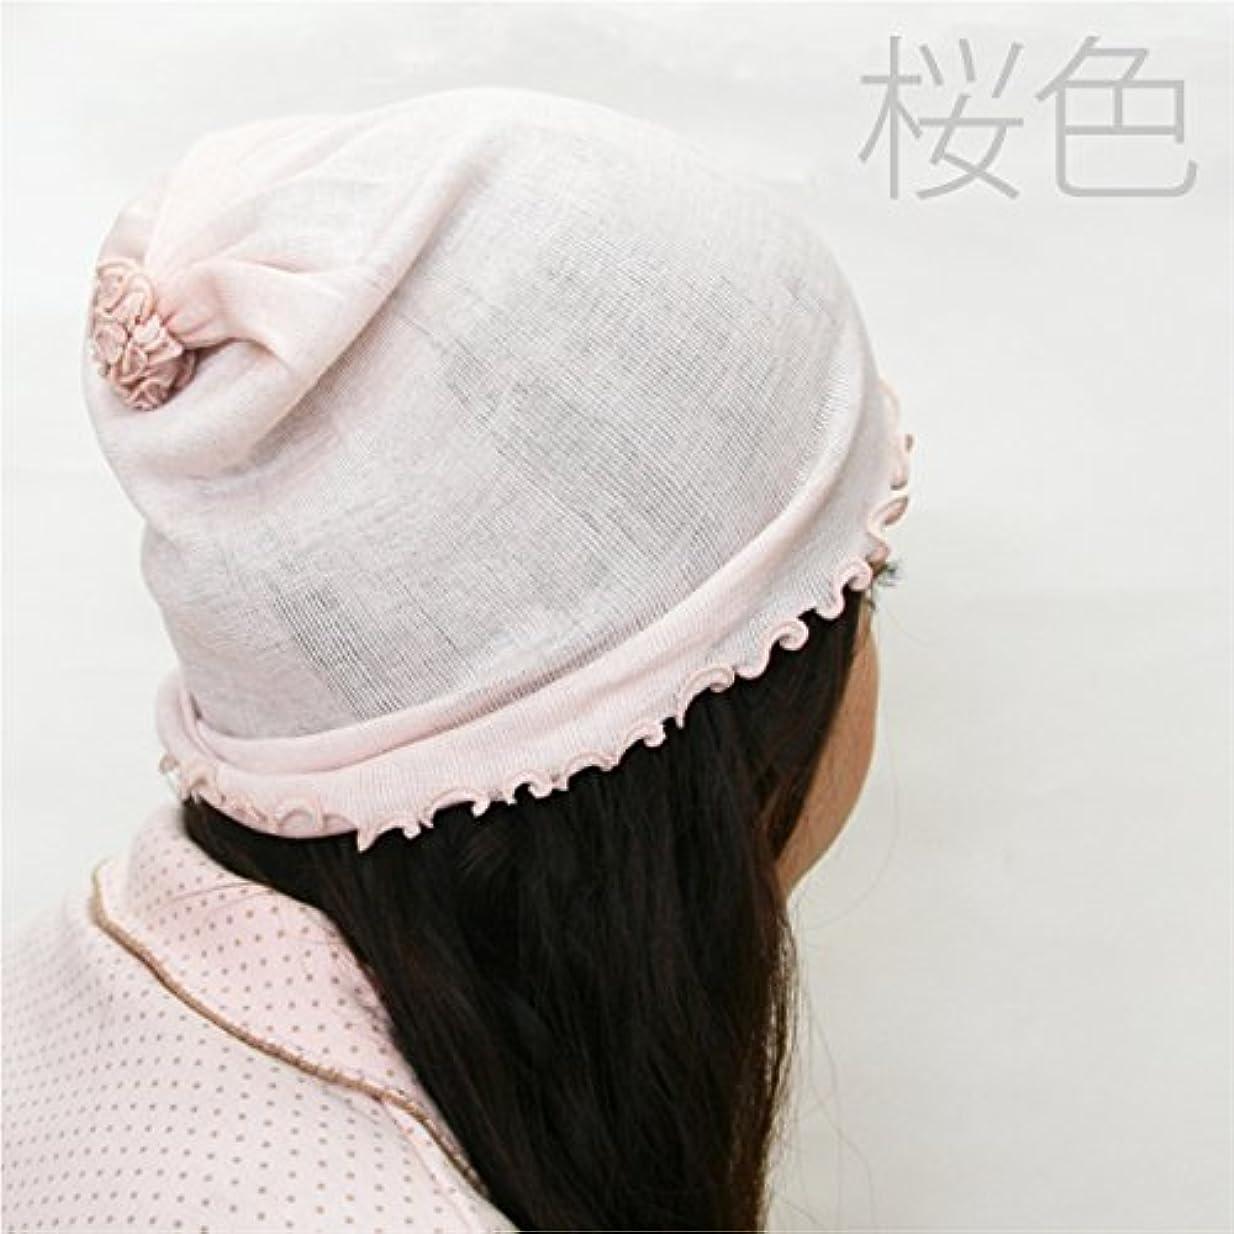 生き残ります値上流の絹屋 シルクナイトキャップ SO4463 02桜色